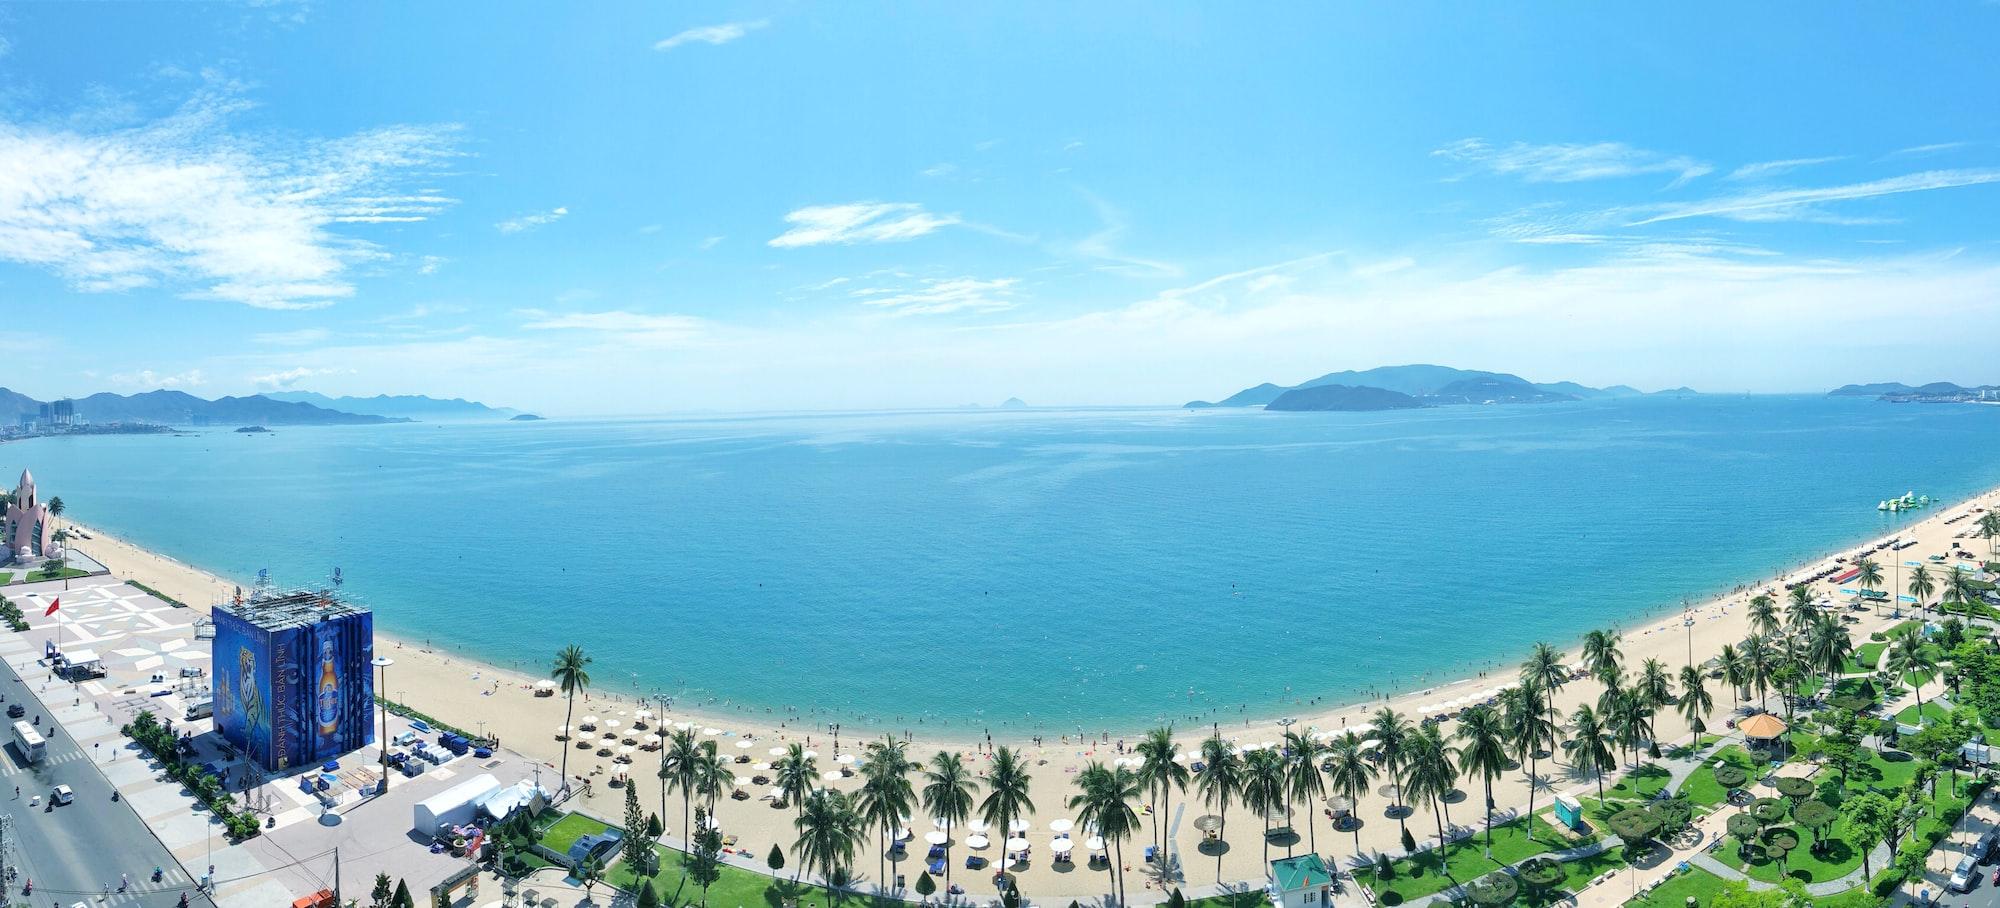 Panoramic view of Nha Trang beach.  Shot from Novotel Nha Trang hotel.